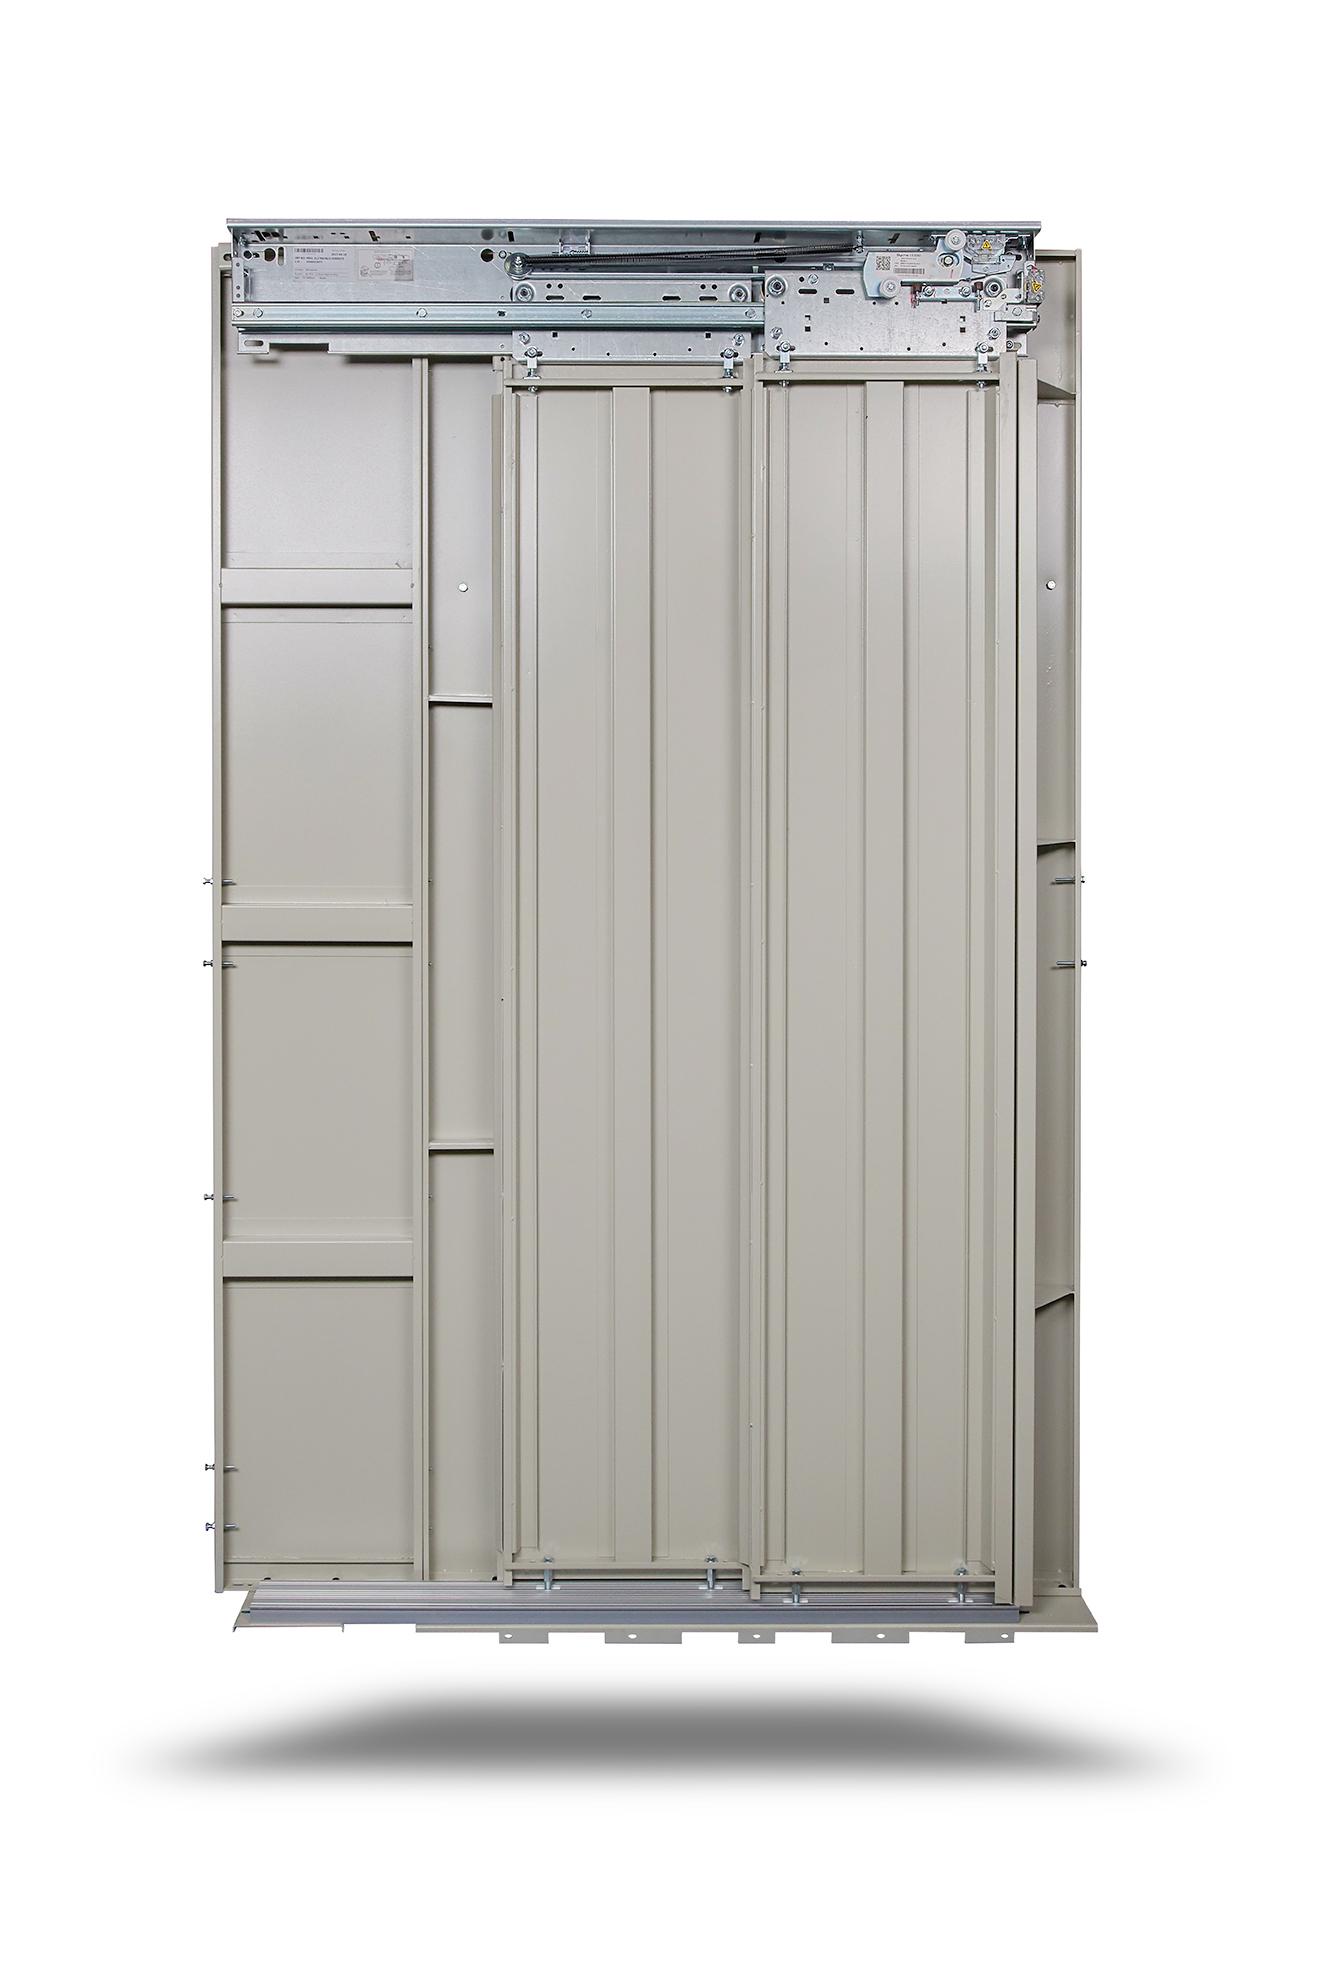 Sd 20 une porte d 39 ascenseur silencieuse solide et fiable slycma - Porte coulissante silencieuse ...